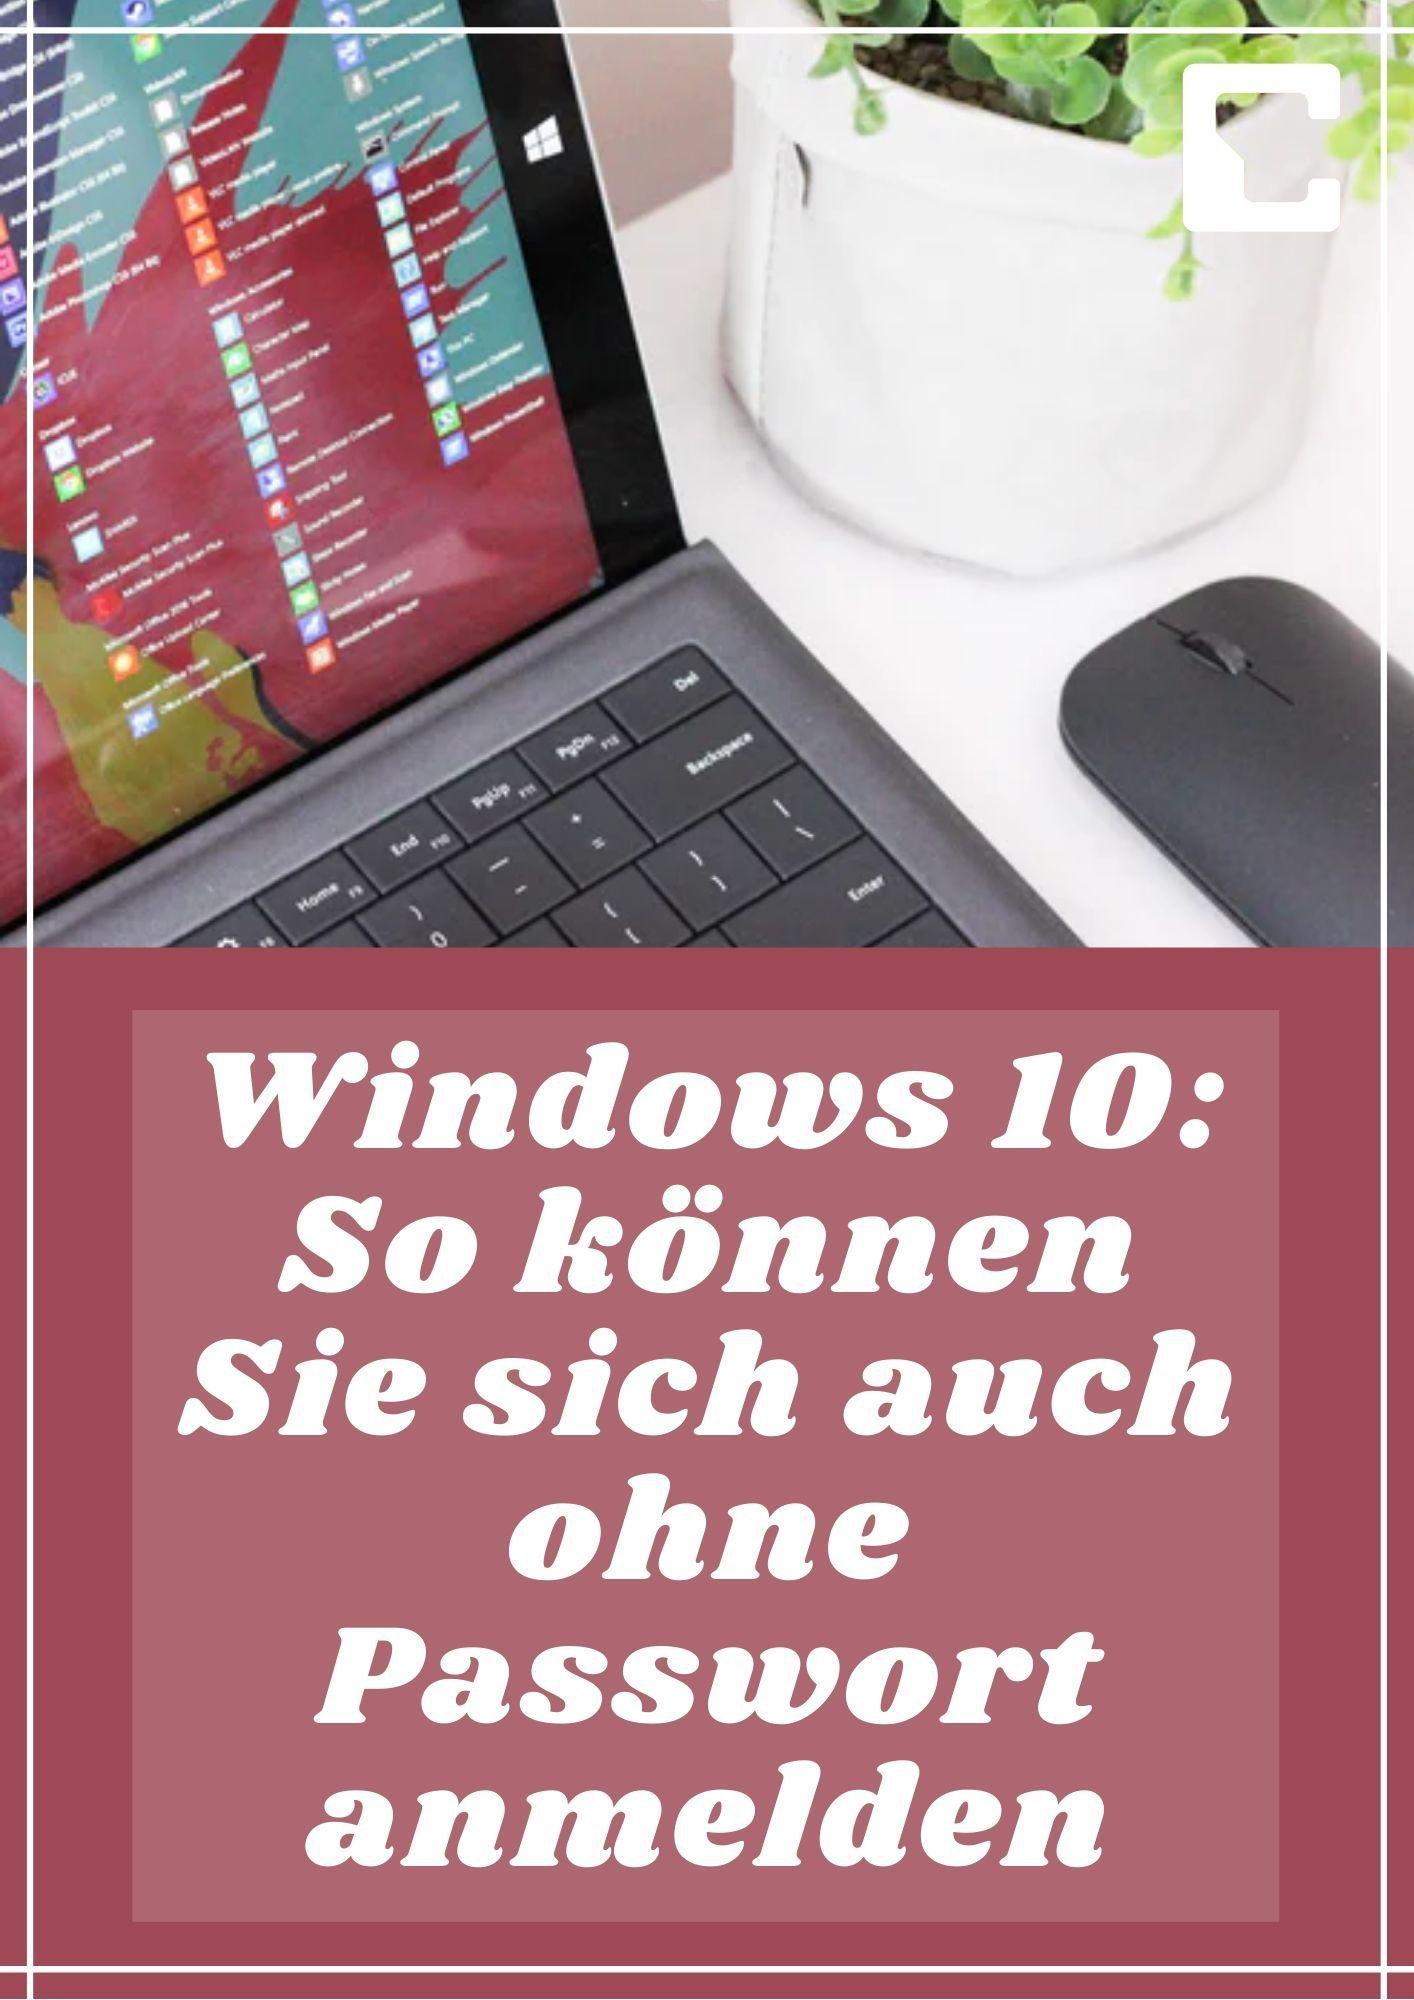 Windows 10 Passwort Umgehen Ohne Kennwort Anmelden In 2020 Tipps Und Tricks Wort Computer